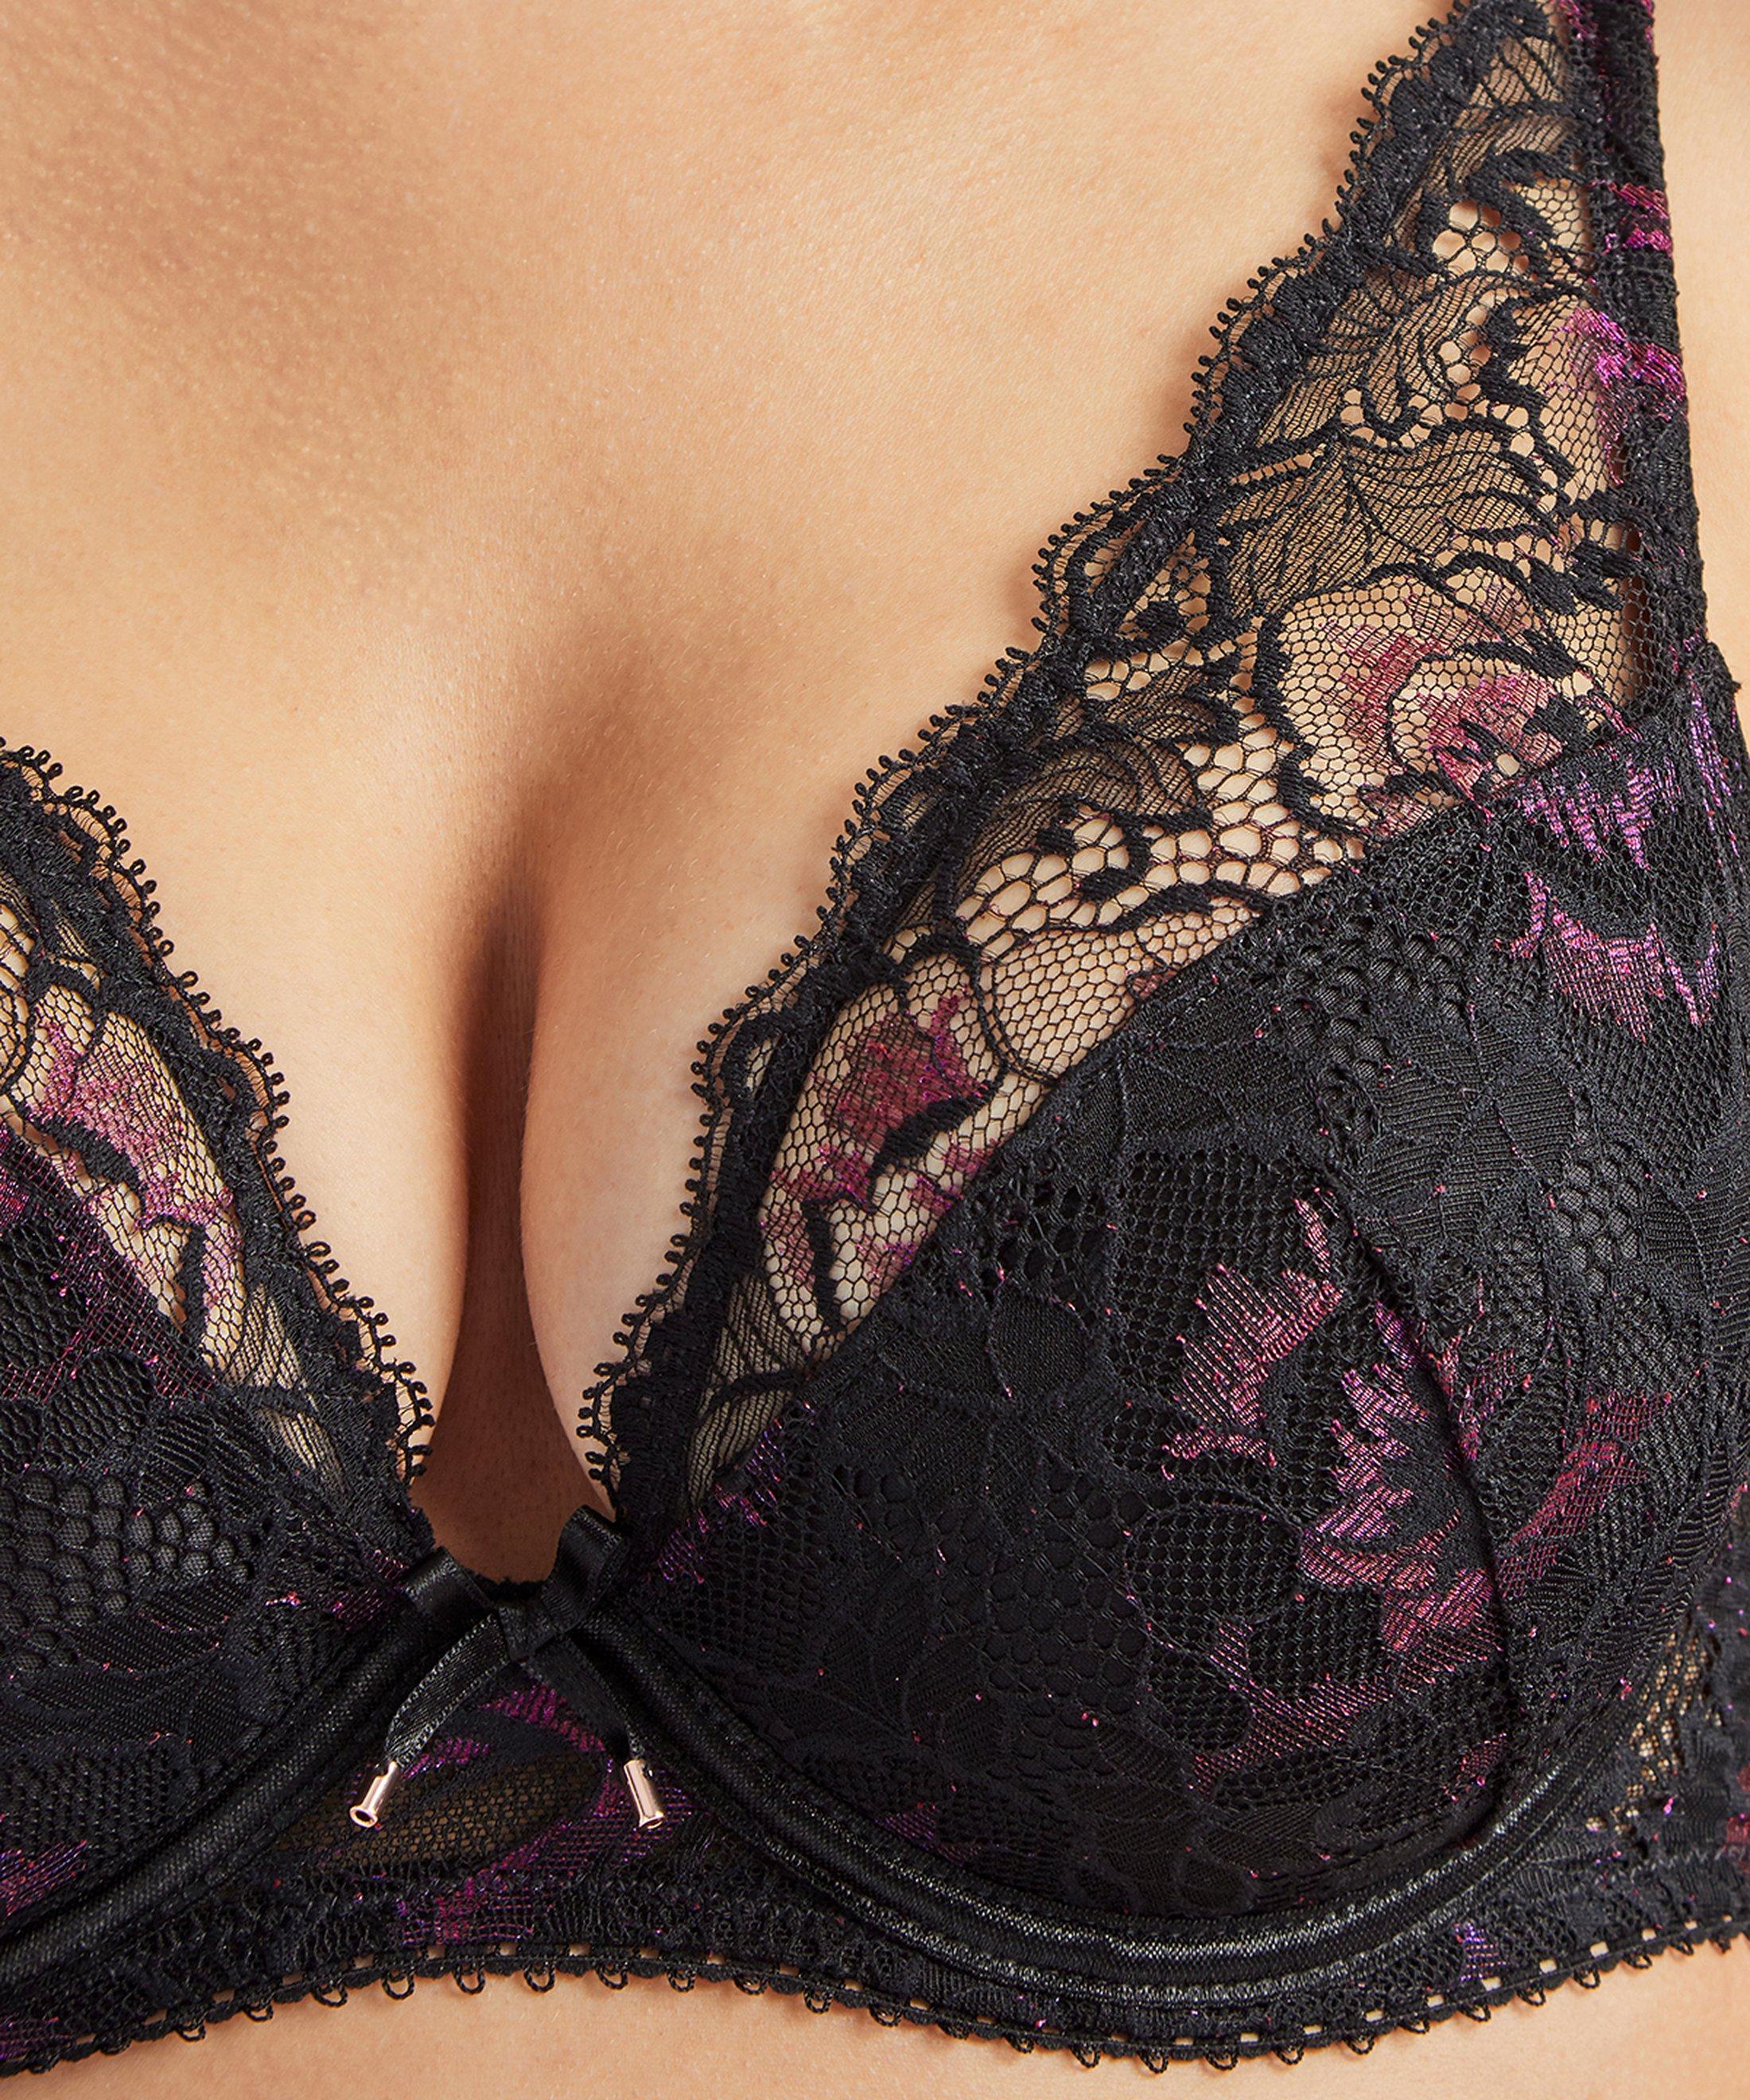 AUBE AMOUREUSE Soutien gorge plunge foulard Violetta | Aubade